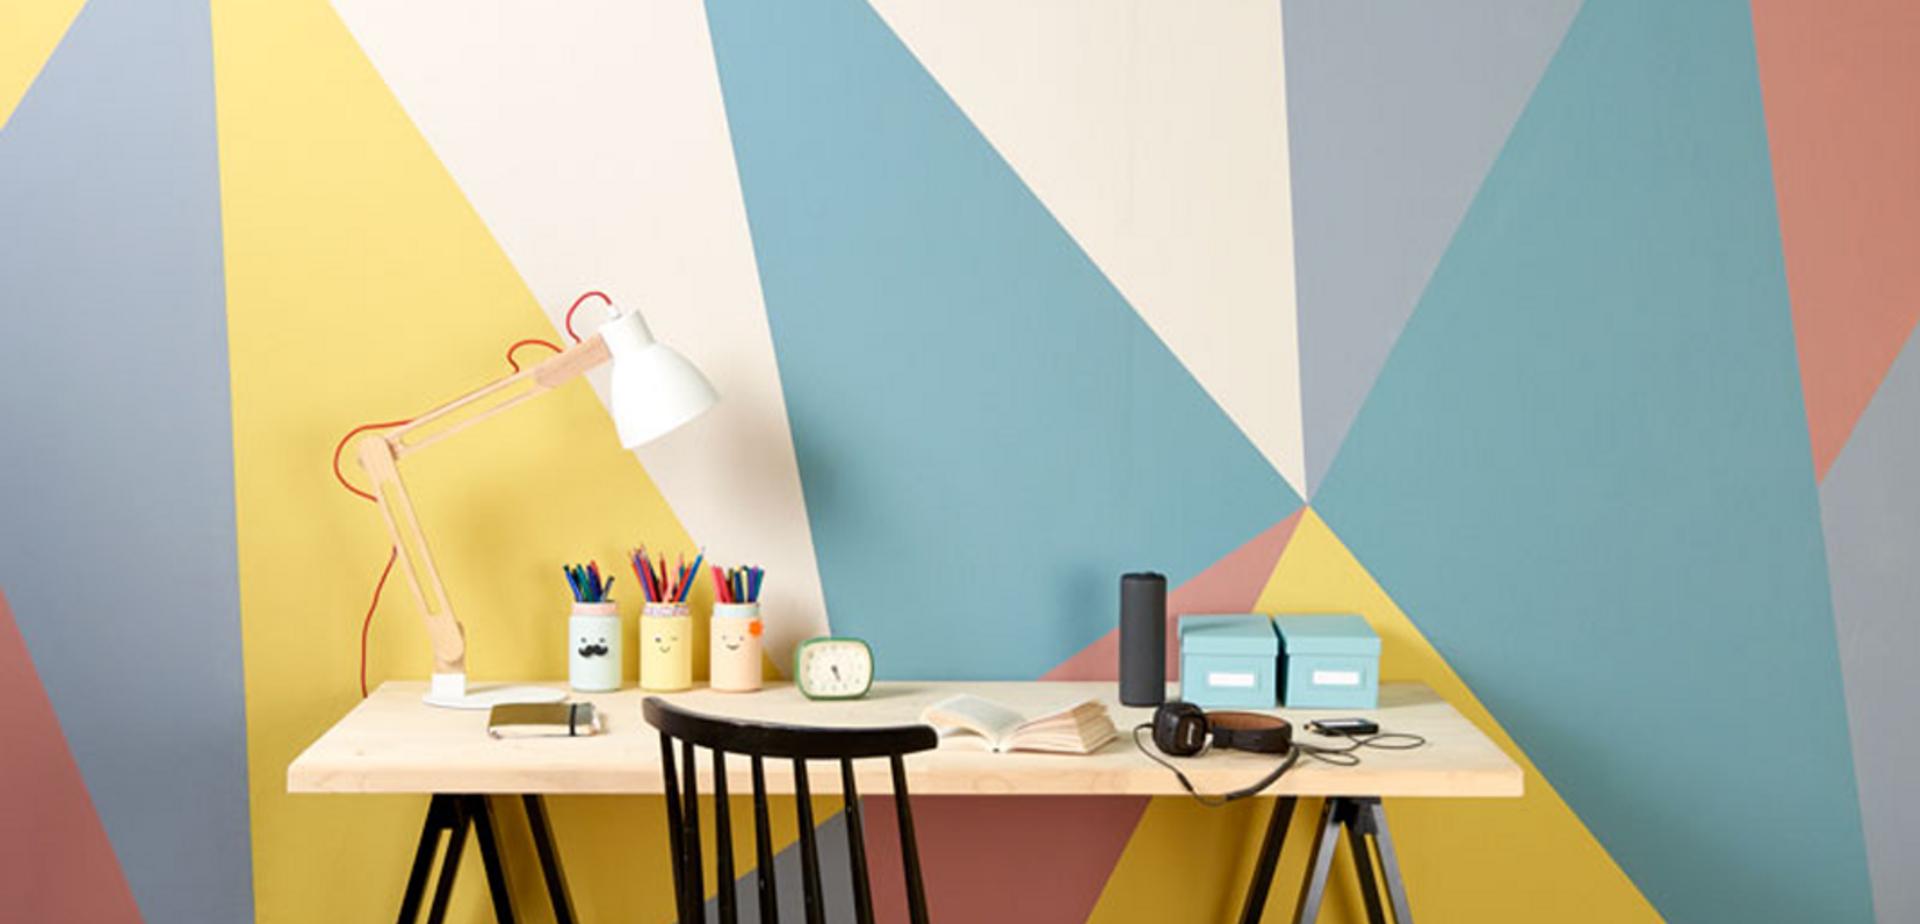 Muren Afplakken Schilderen.Muur Schilderen In Geometrische Vormen Voor De Makers